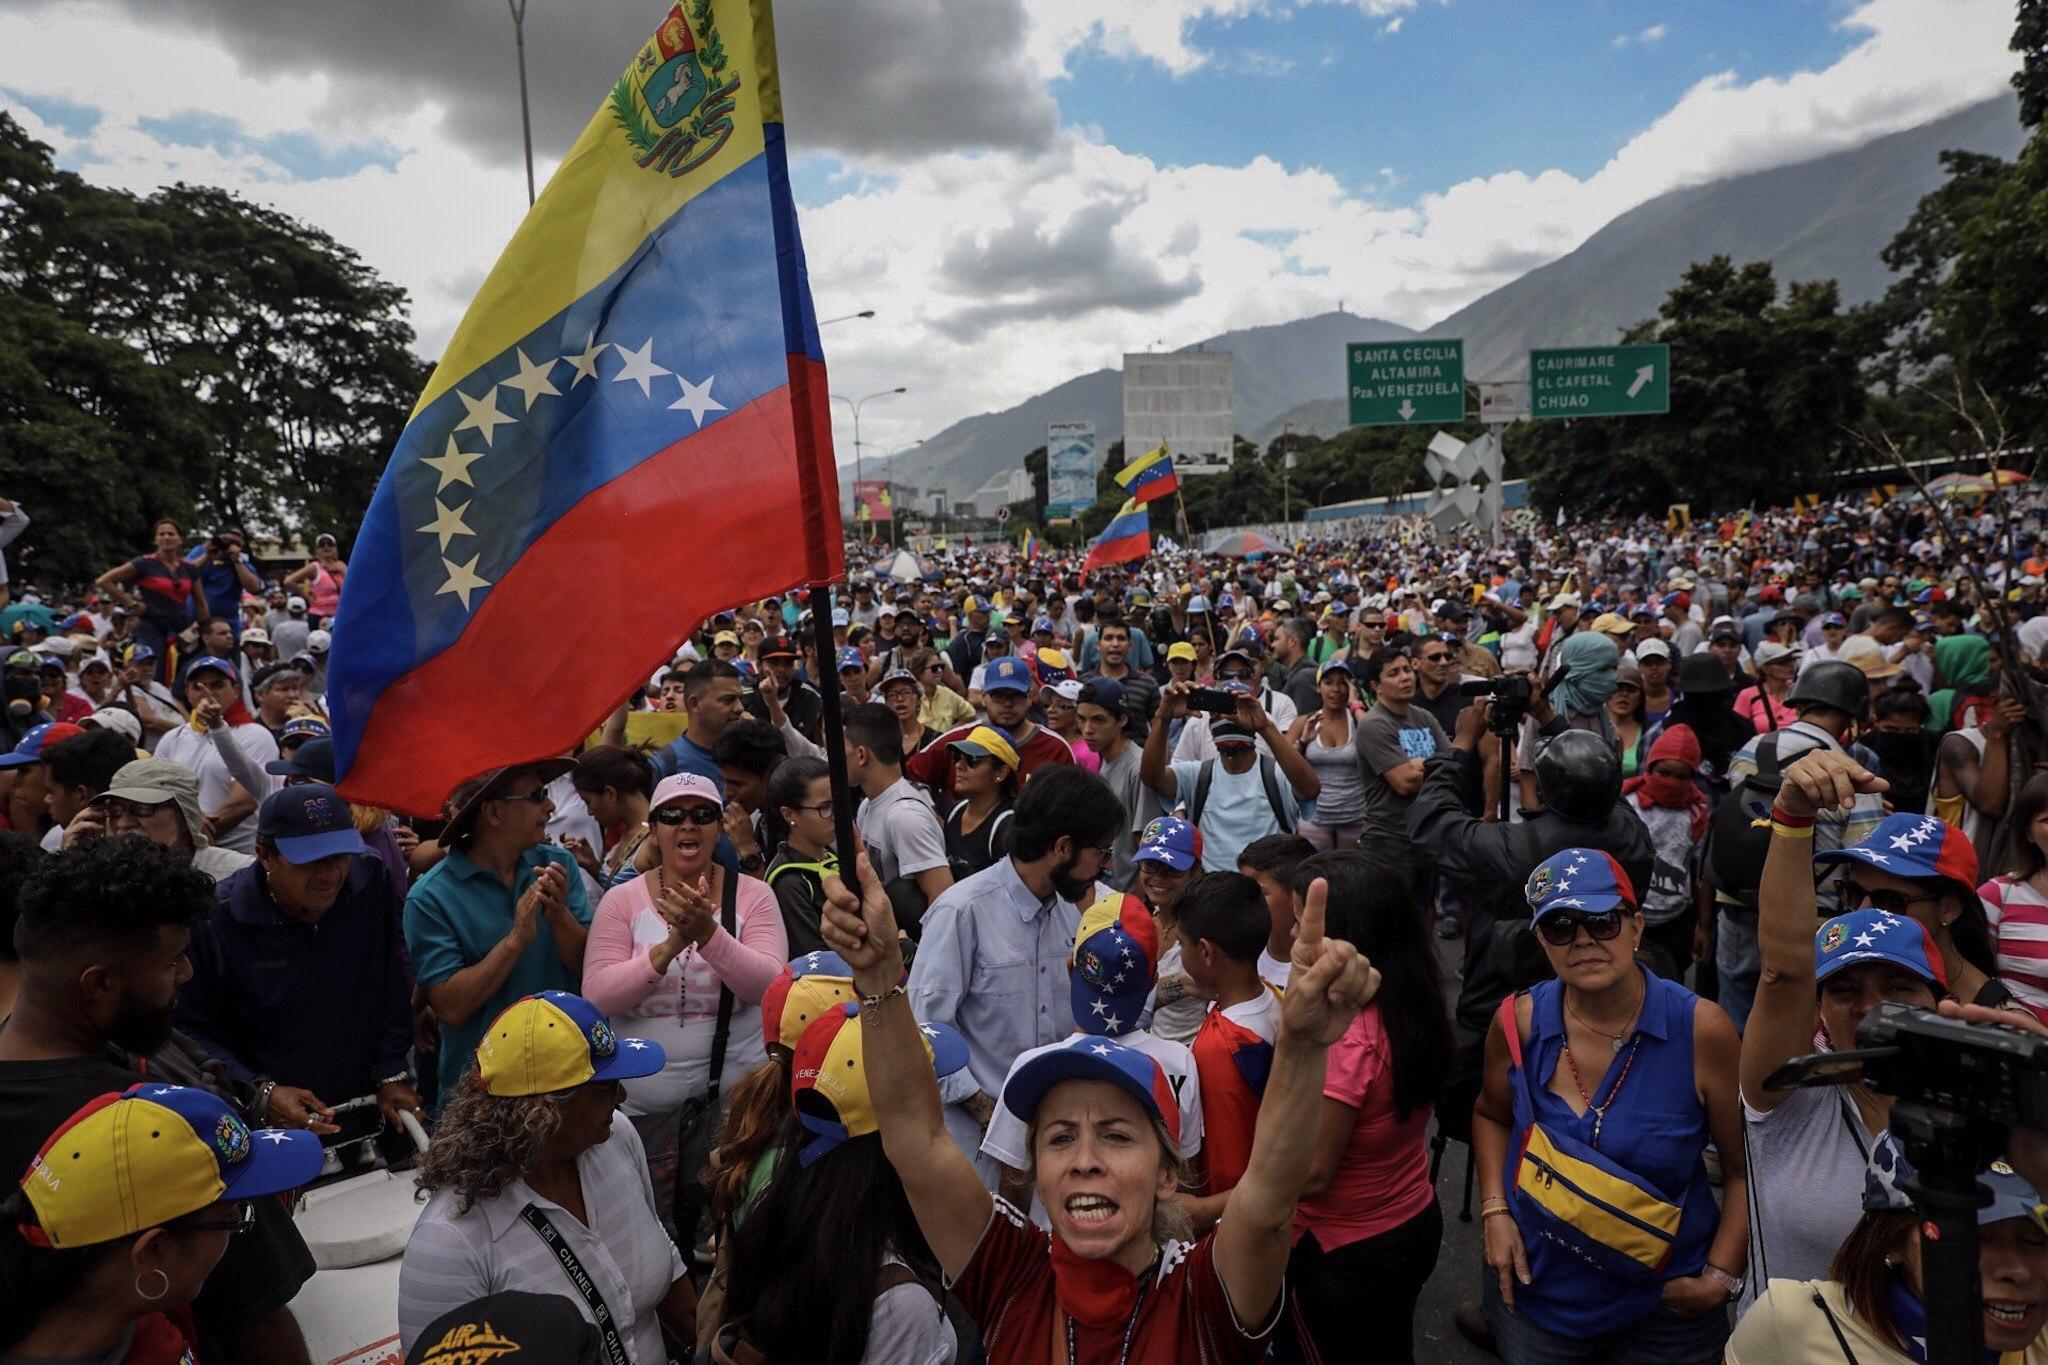 CAR16. CARACAS (VENEZUELA), 01/07/2017.- Manifestantes opositores participan en una marcha hoy, sábado 1 de julio de 2017, en Caracas (Venezuela). La oposición venezolana realiza hoy una concentración en Caracas como protesta contra la solicitud de antejuicio de mérito contra la fiscal de ese país, Luisa Ortega Díaz, que el Tribunal Supremo de Justicia (TSJ) admitió el pasado 20 de junio y con lo que la funcionaria podría ser enjuiciada. La coalición opositora Mesa de la Unidad Democrática (MUD) invitó a las personas a concentrarse en el este de Caracas, específicamente en la autopista Francisco Fajardo, principal arteria vial de la capital, a la altura de Los Ruices. EFE/Miguel Gutiérrez